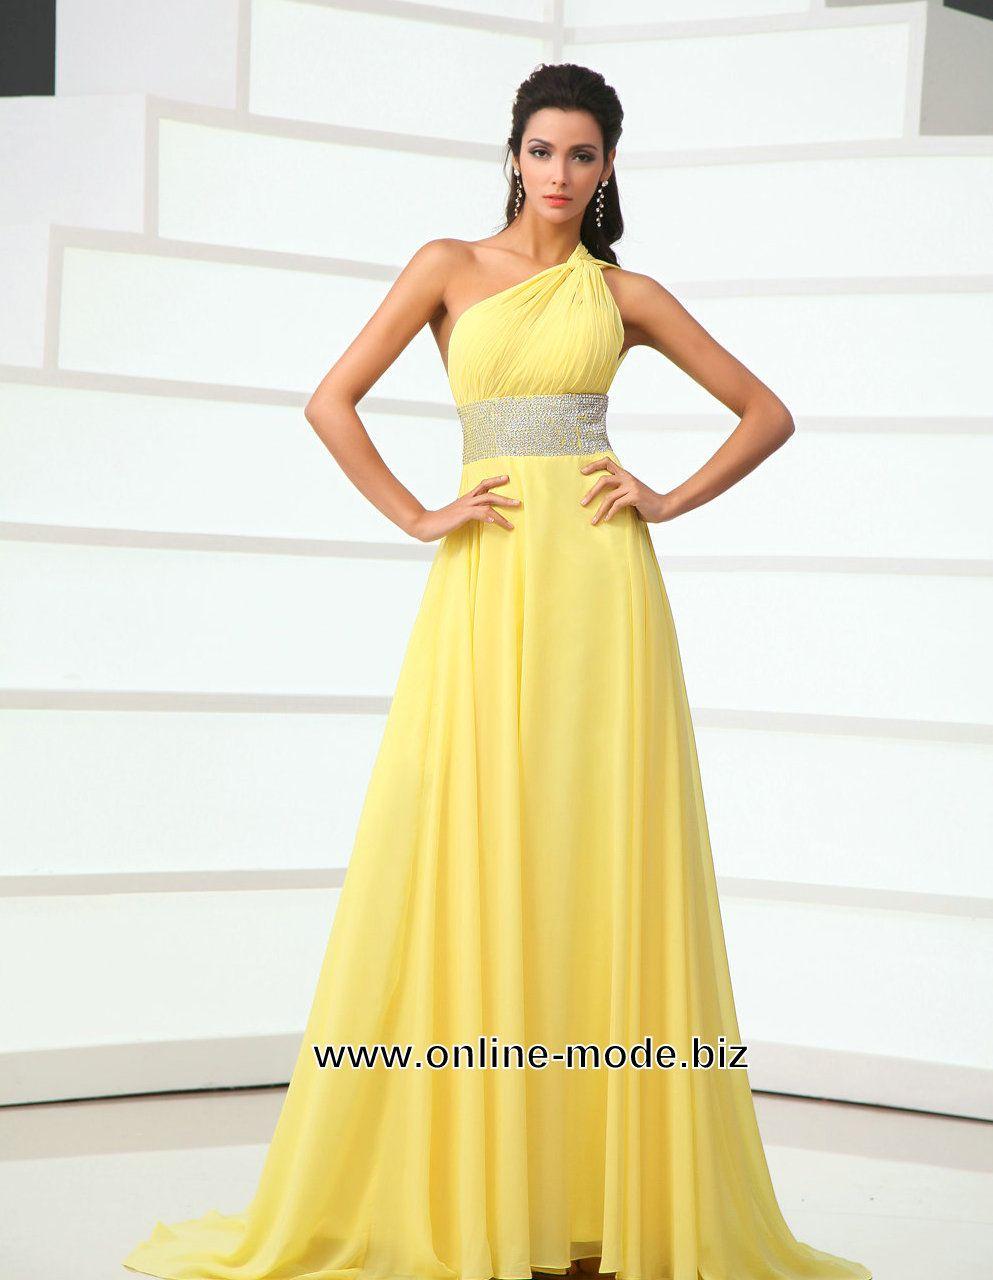 Damen Kleid Abendkleid in Geb von www.online-mode.biz | Dresses ...